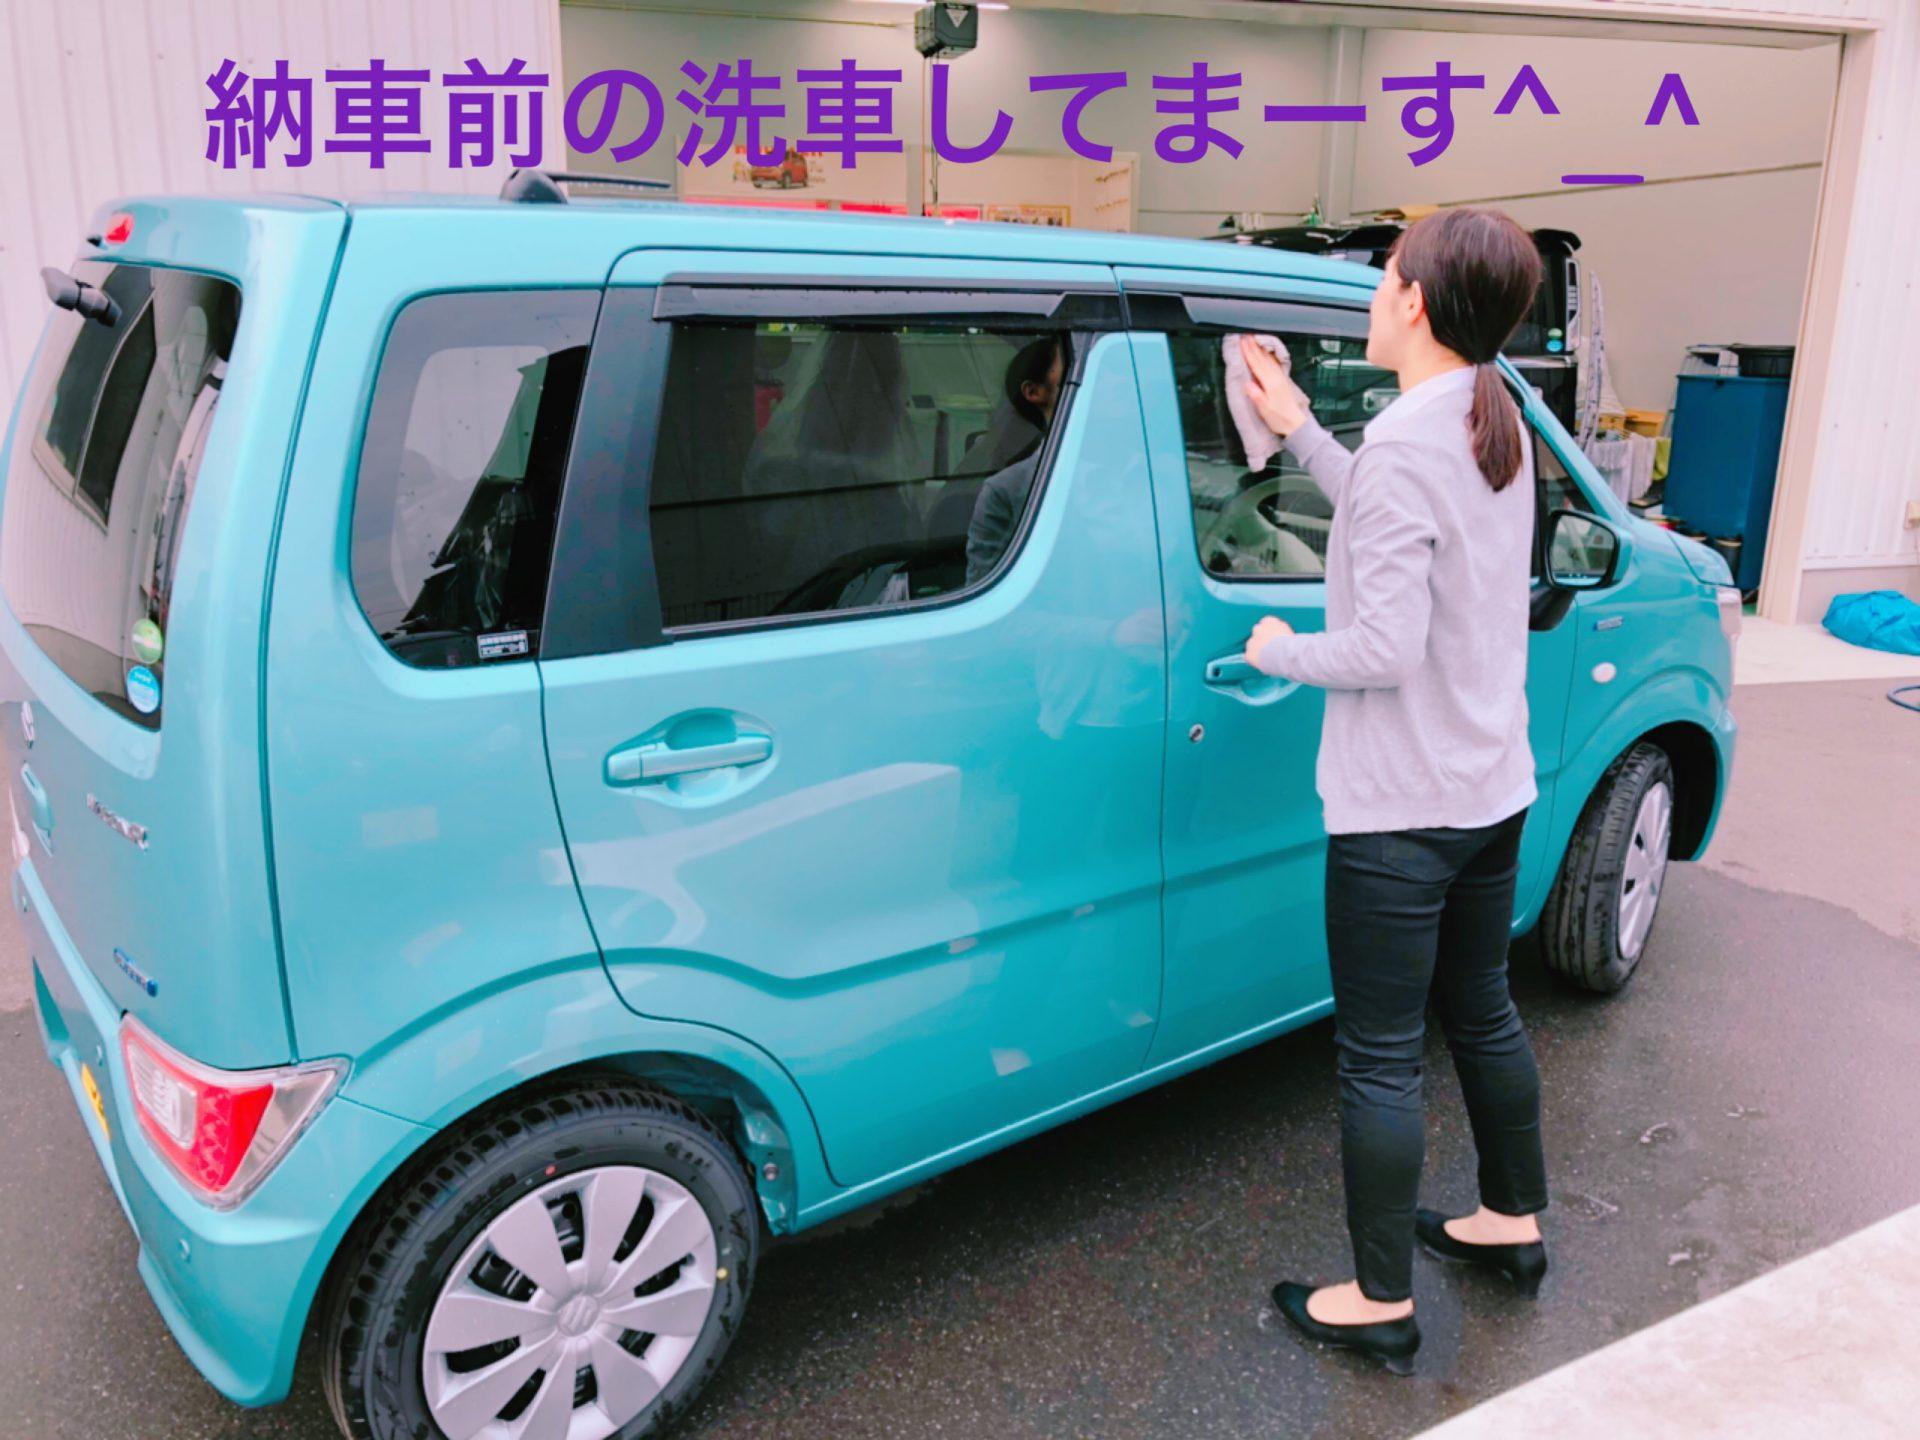 新車 軽自動車 ワゴンR 洗車